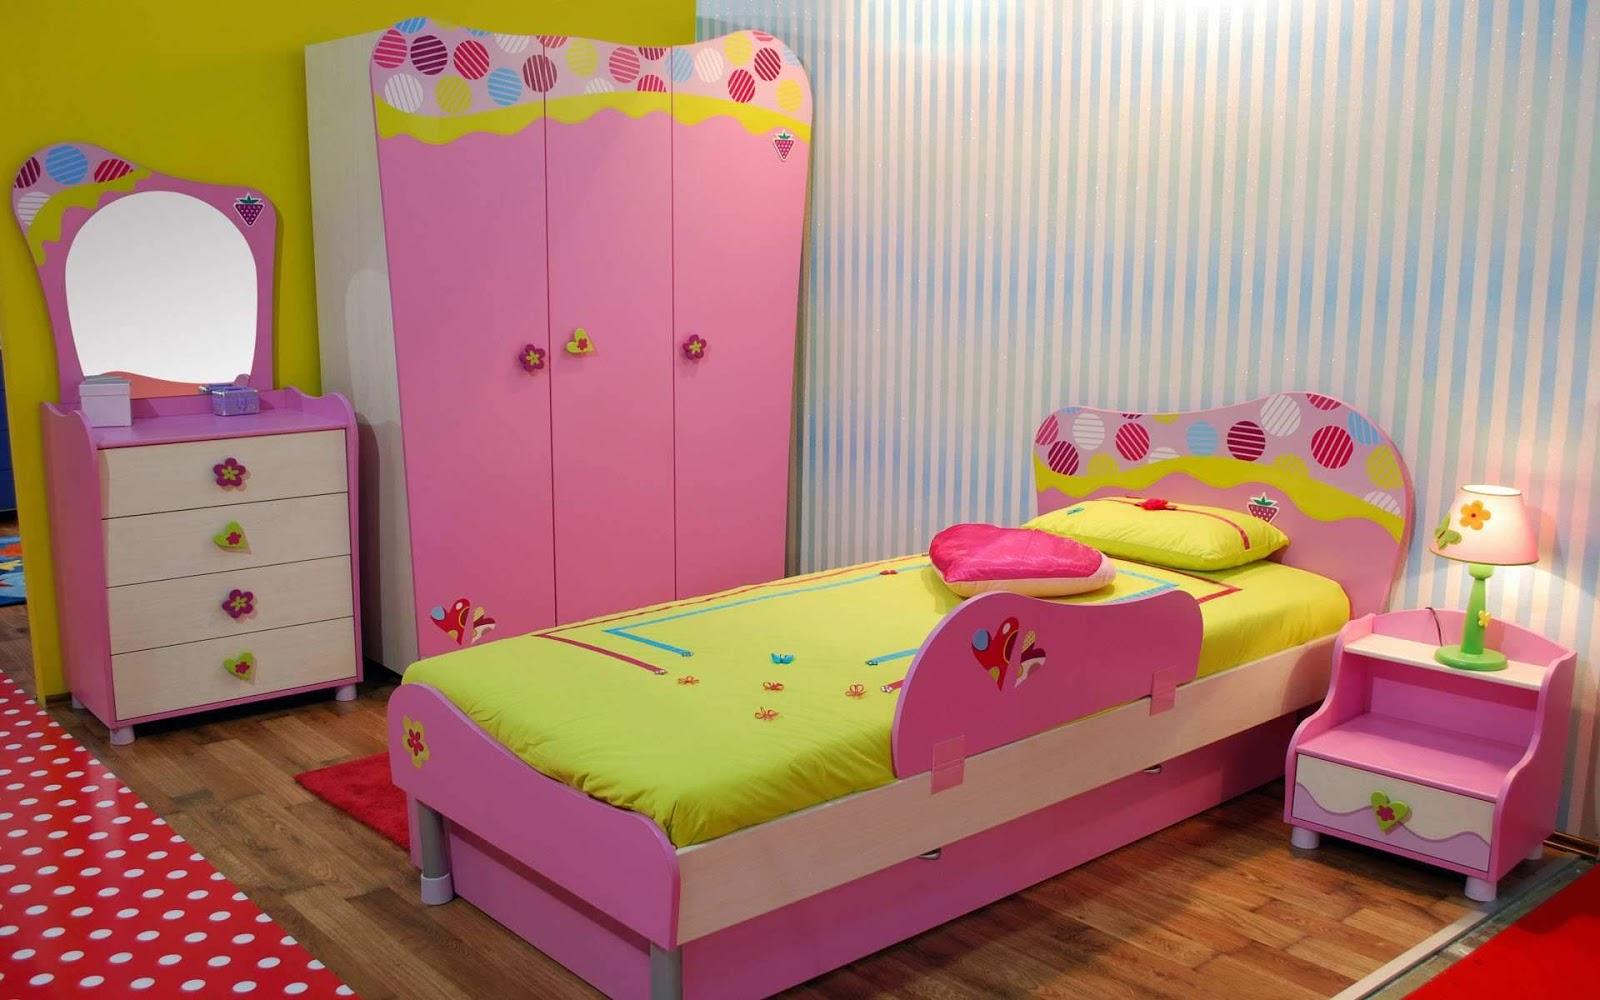 45 Dekorasi Kamar Tidur Anak Perempuan Minimalis Sisi Rumah Minimalis